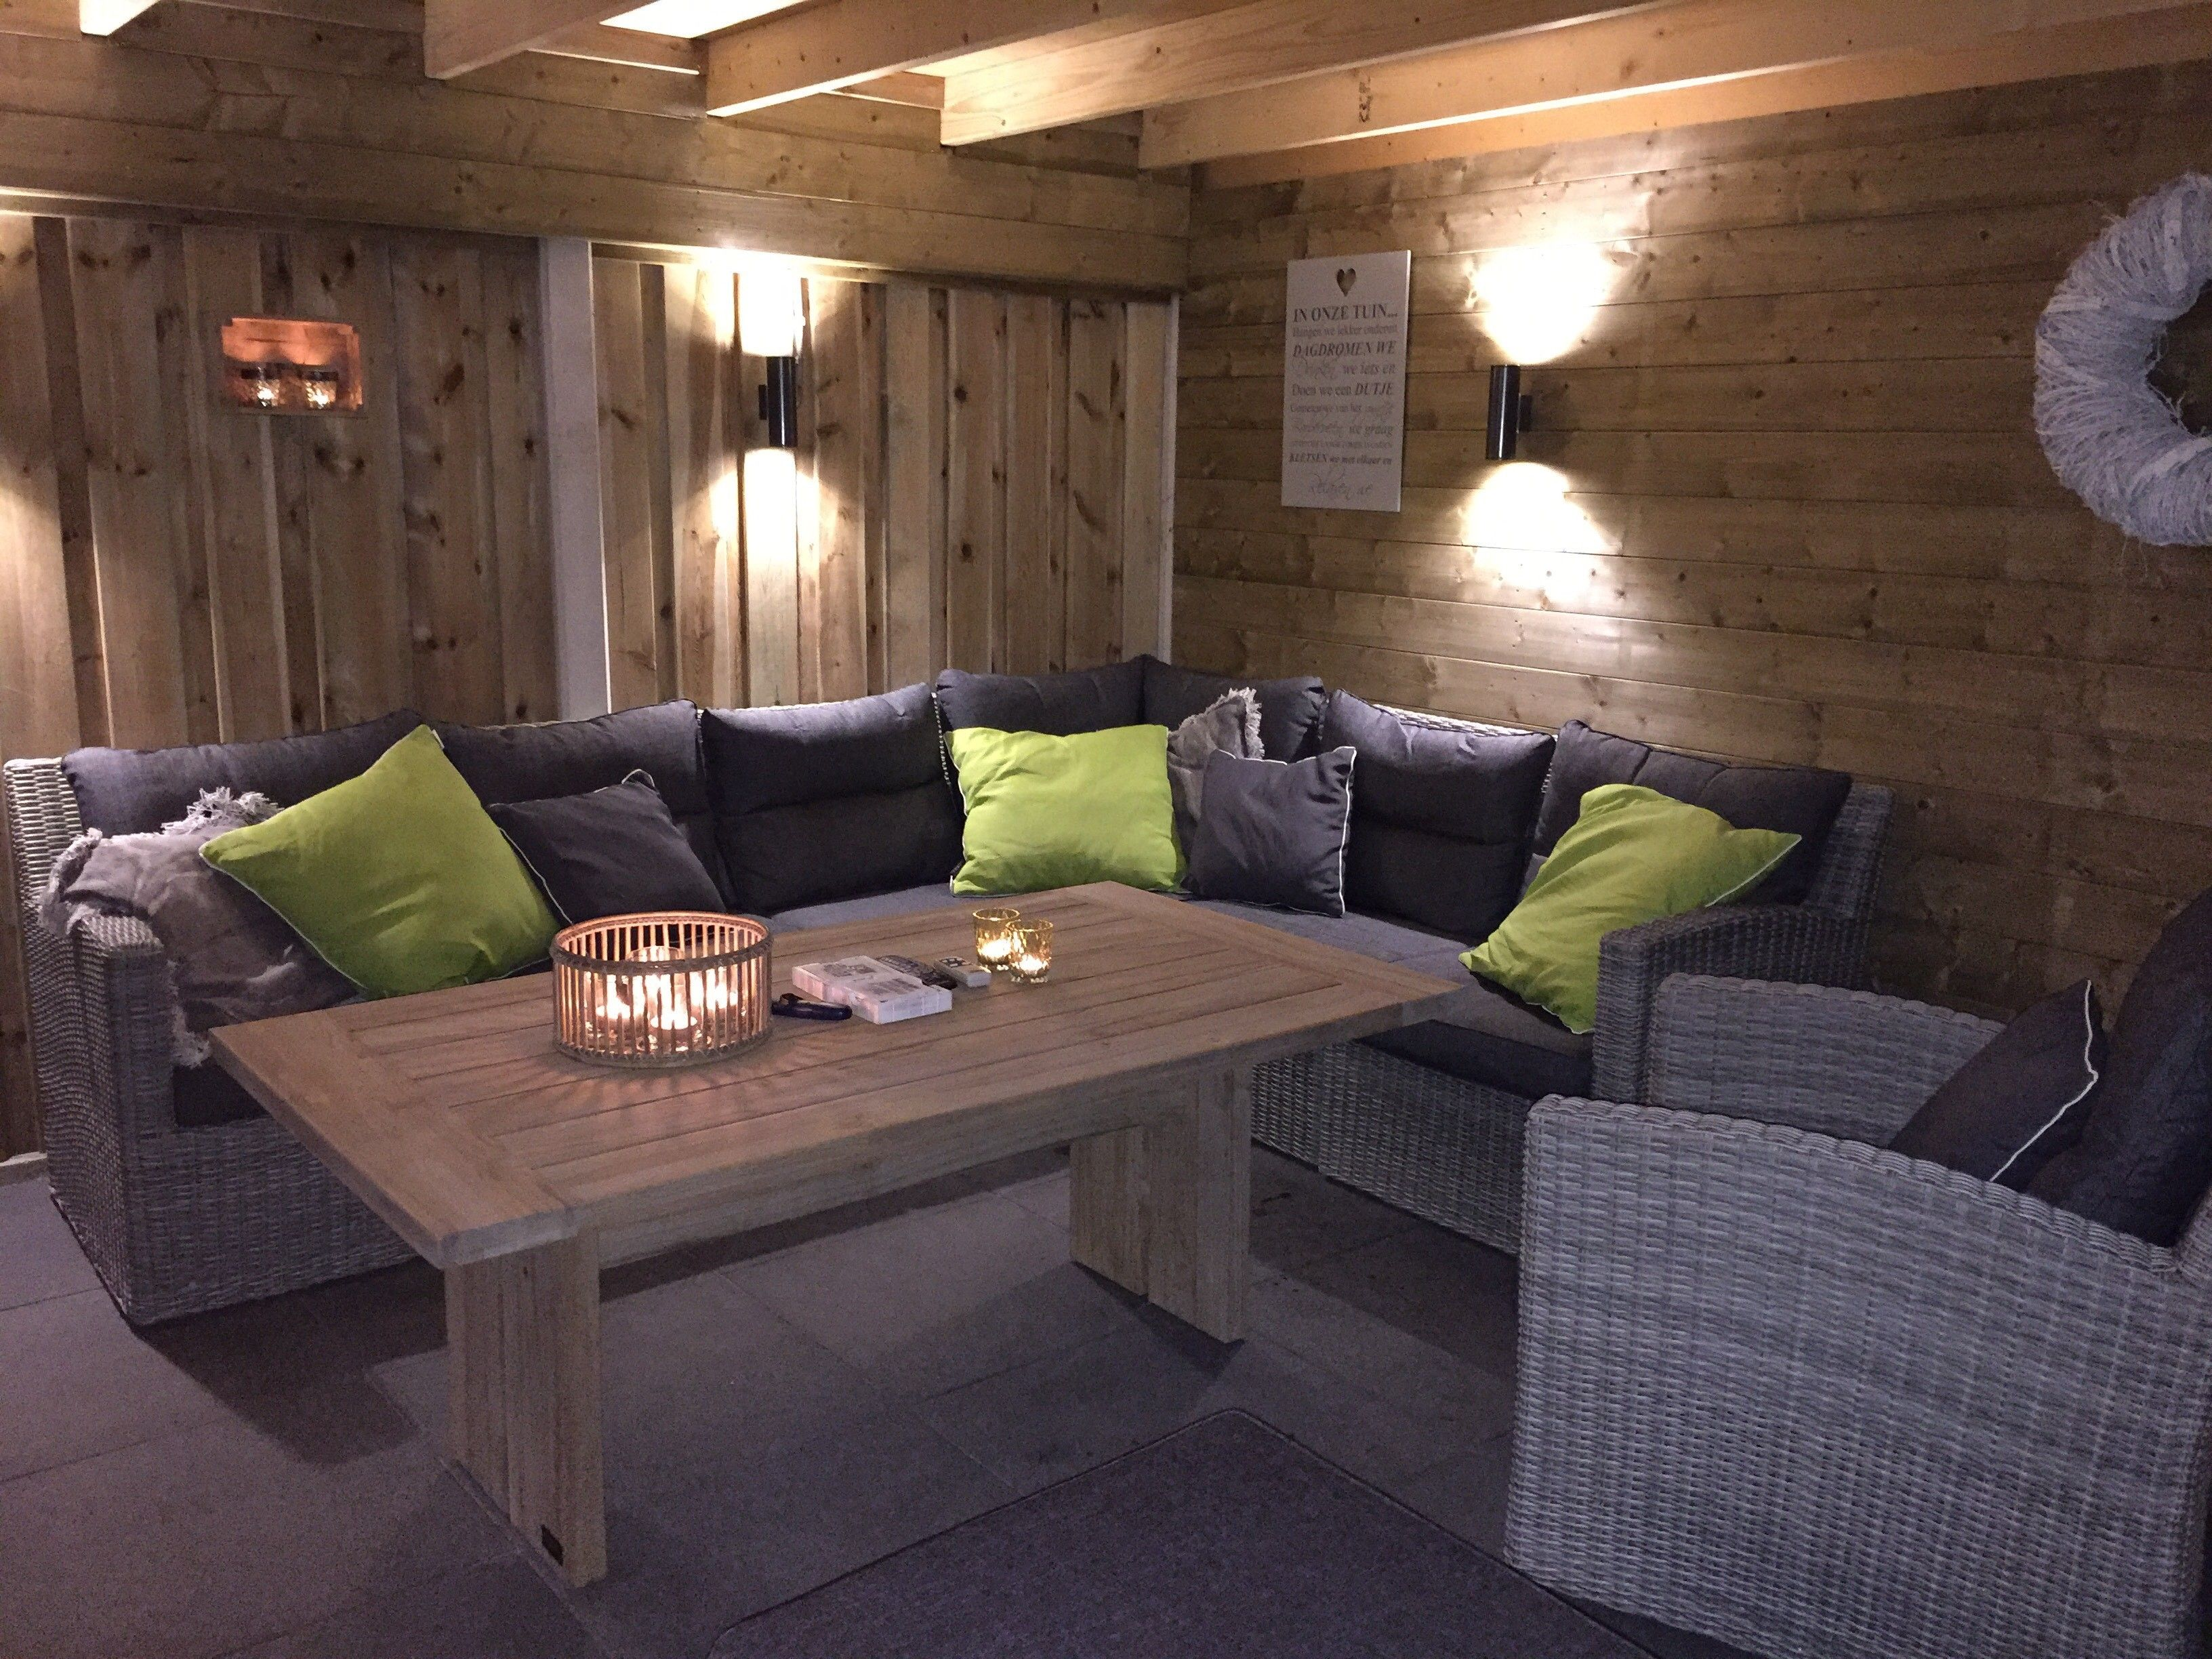 Vlechtwerk loungeset onder een veranda loungeset inspiratie kees smit tuinmeubelen pinterest - Sofa vlechtwerk ...